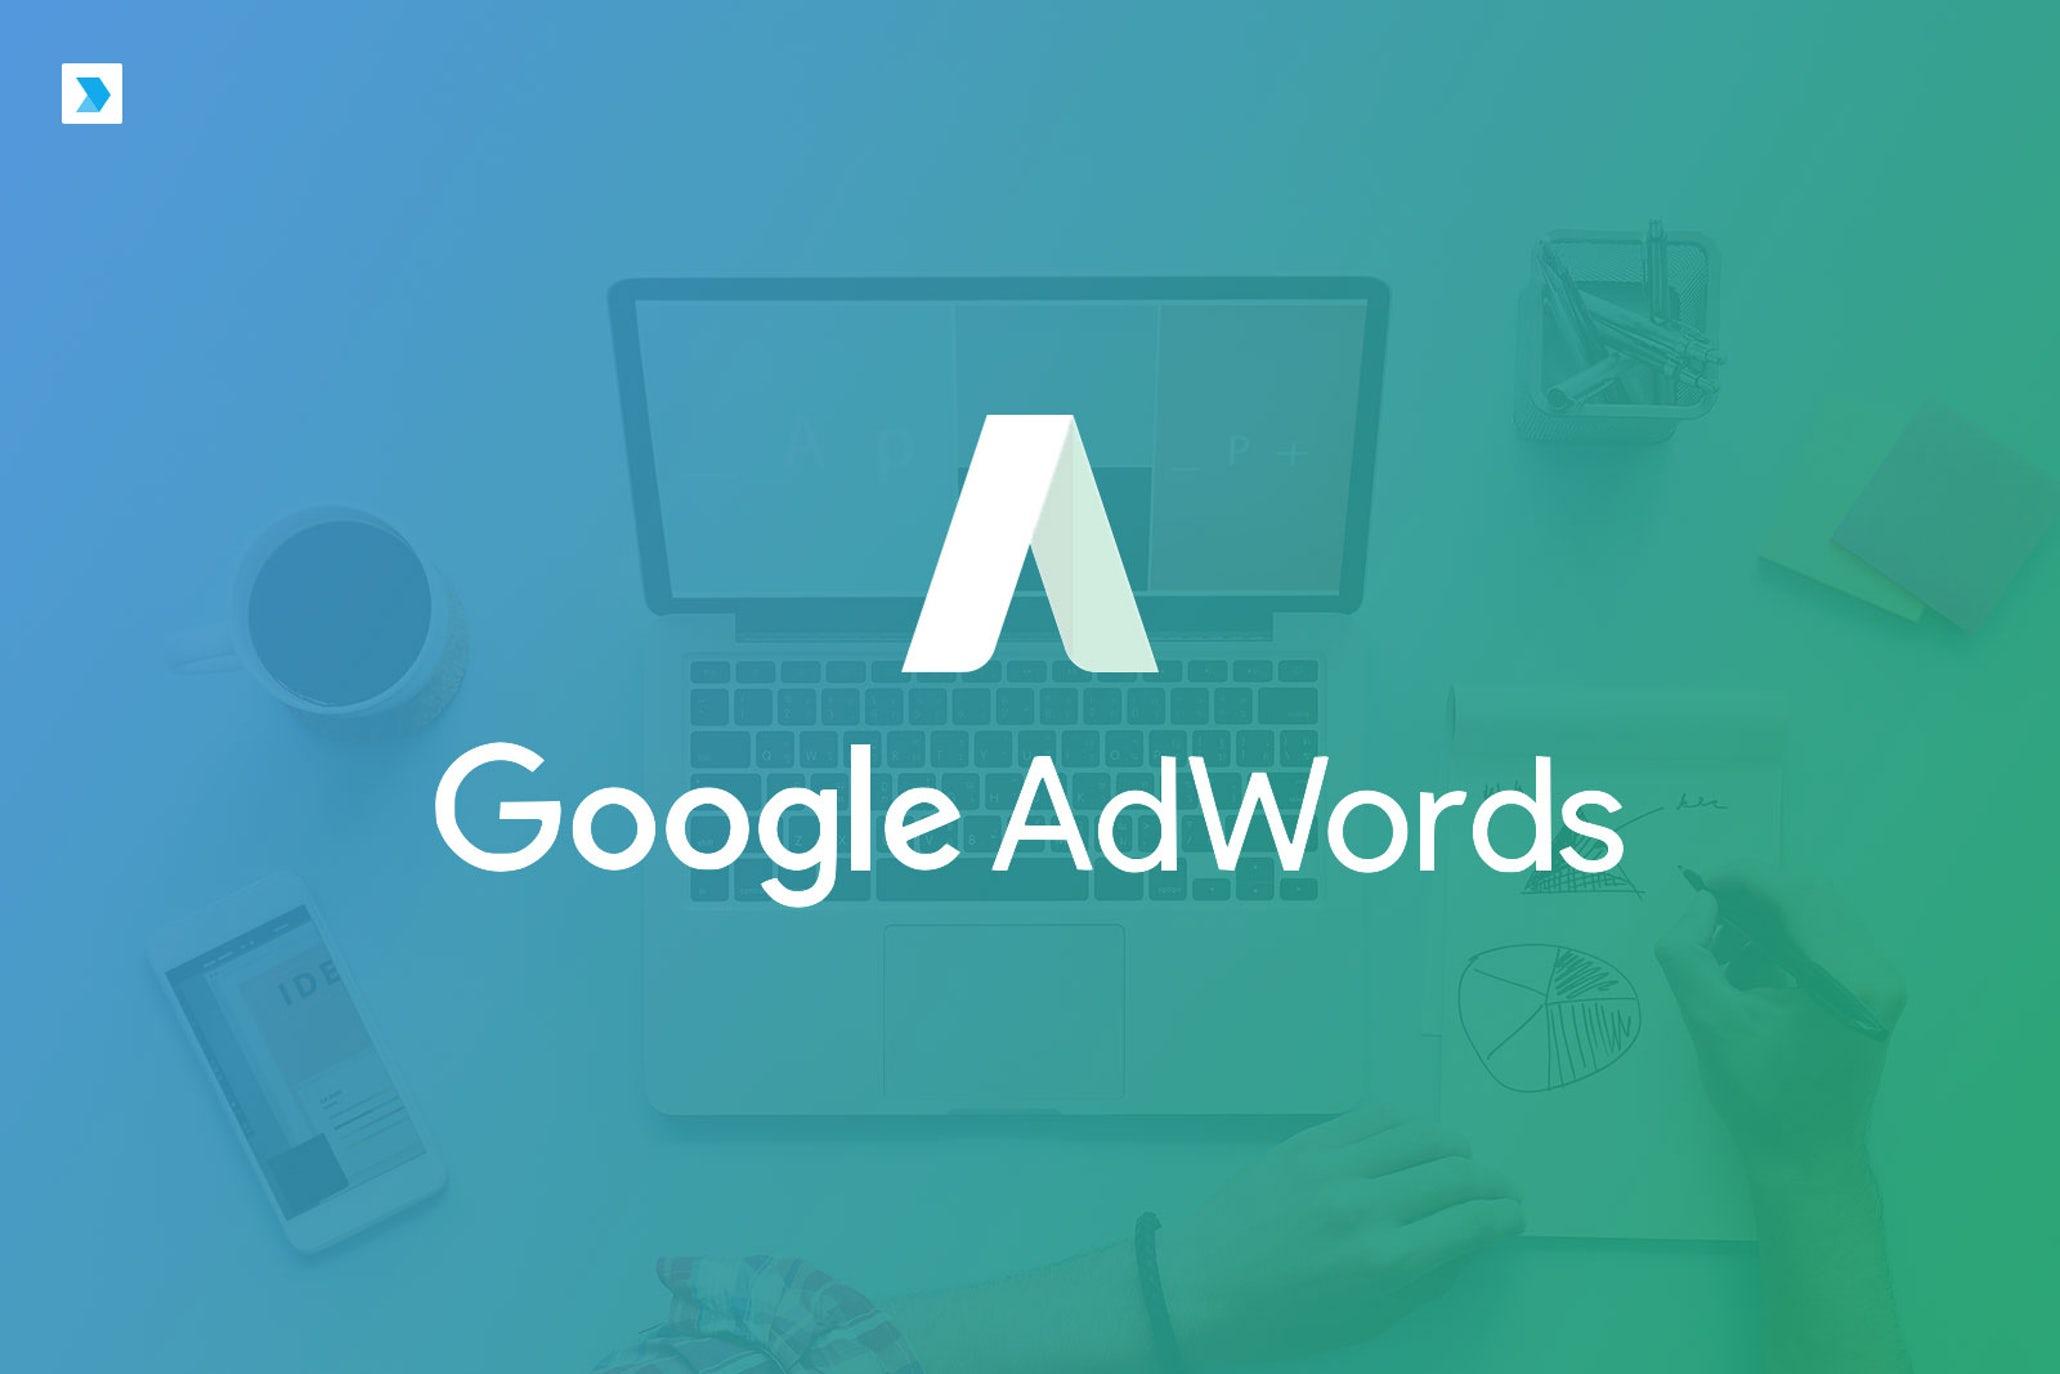 متحول کردن کسب و کار با تبلیغات در گوگل